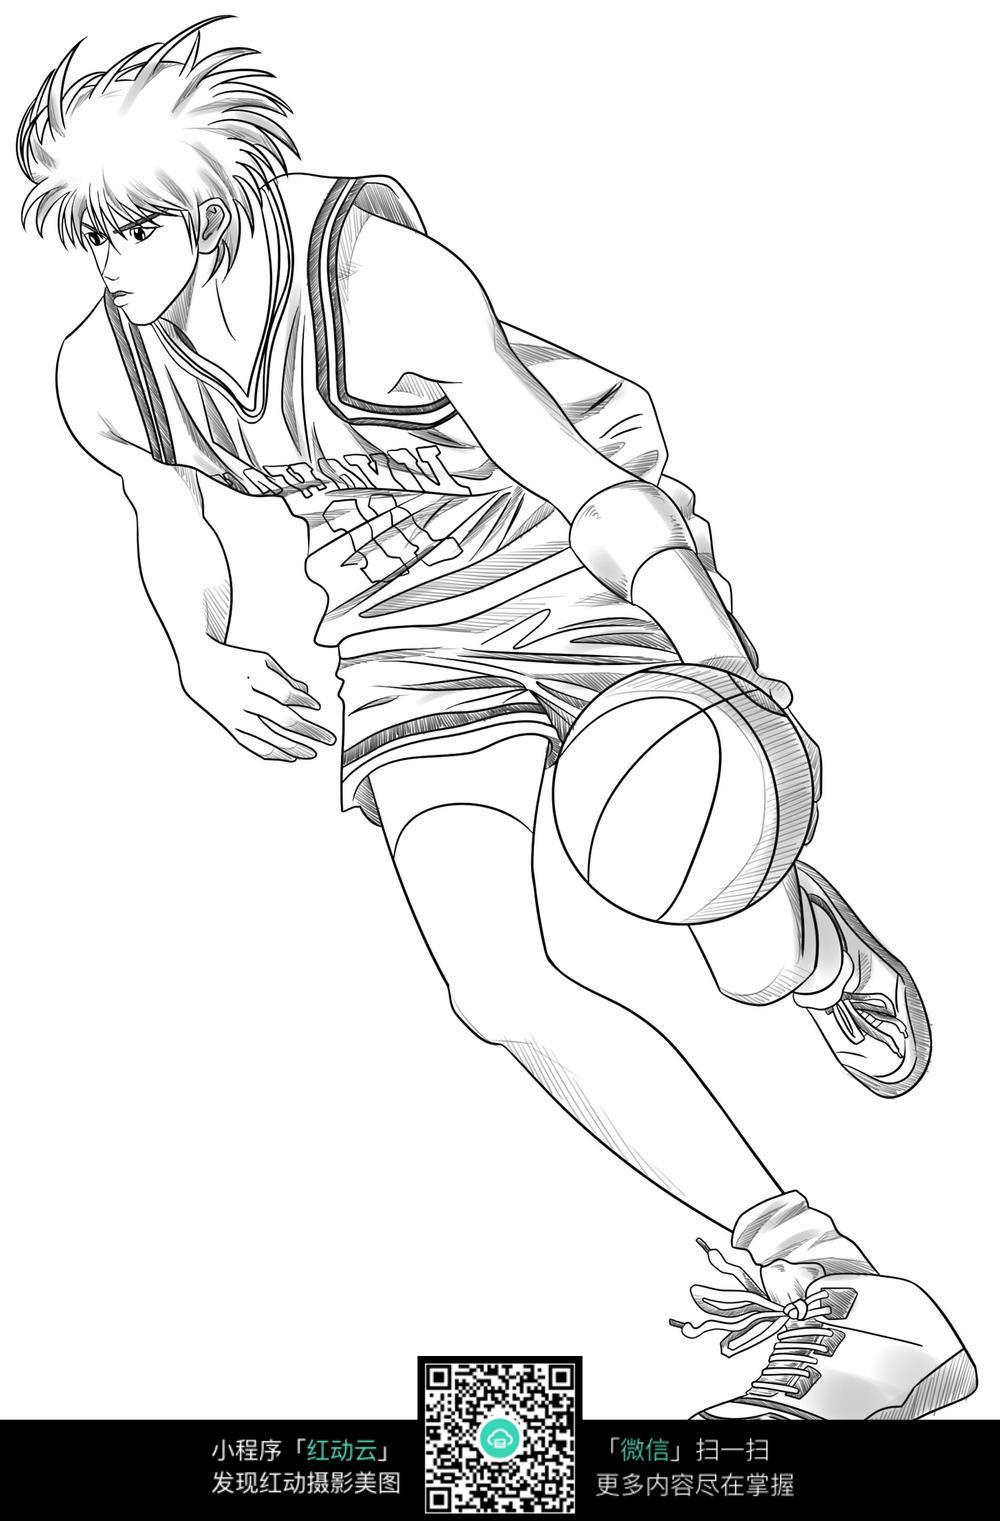 手绘男生抱篮球头像